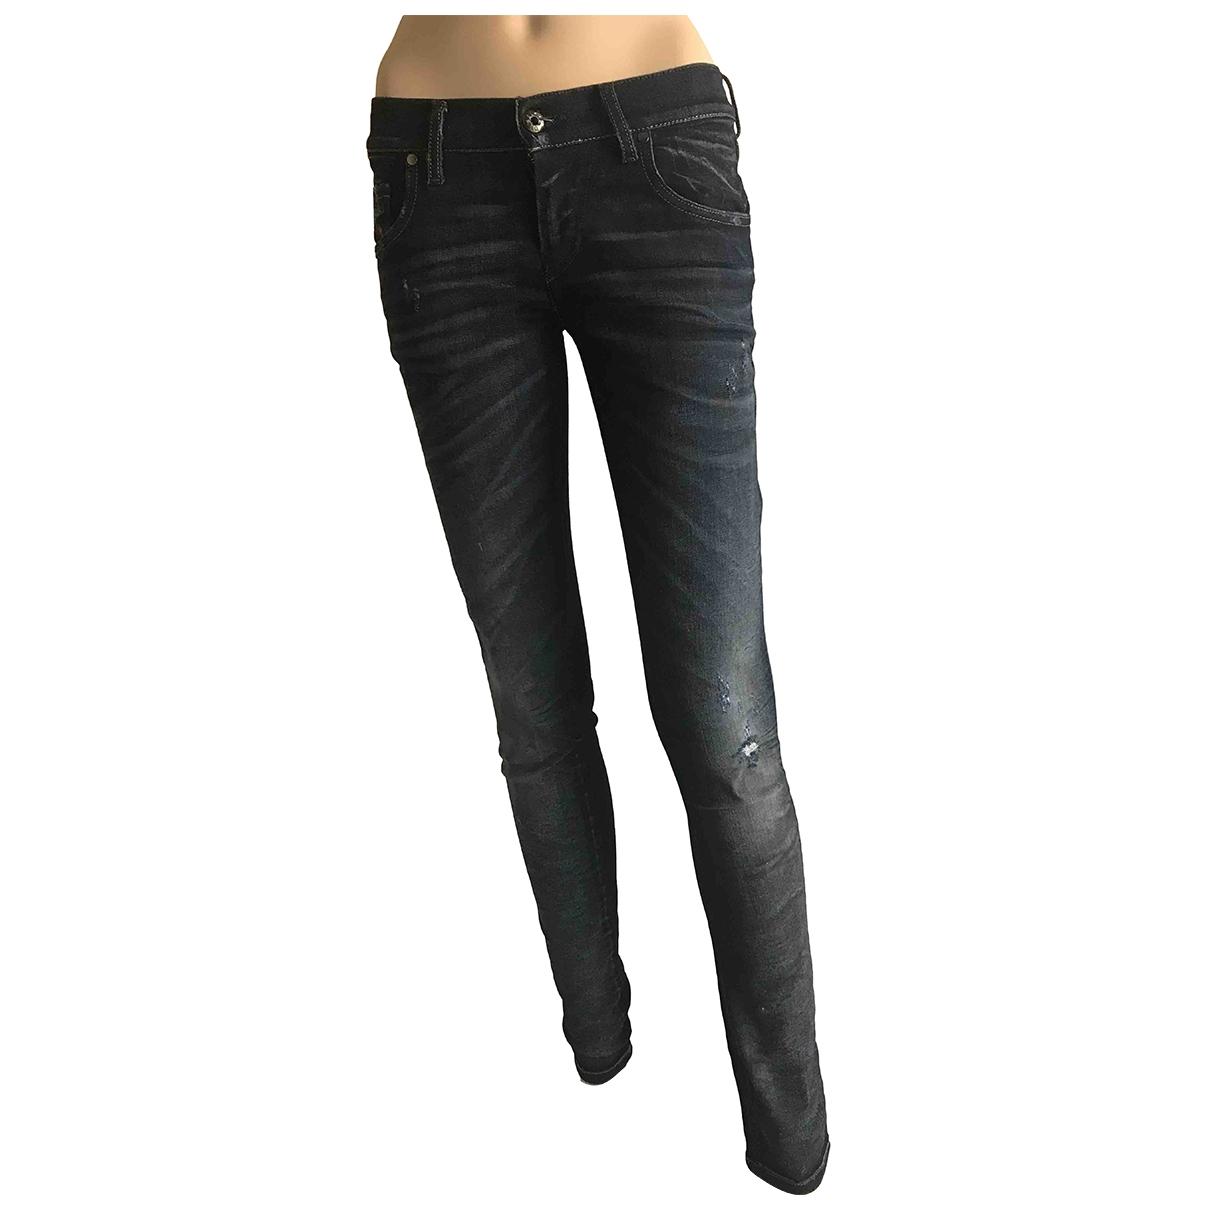 Diesel - Jean   pour femme en coton - elasthane - bleu